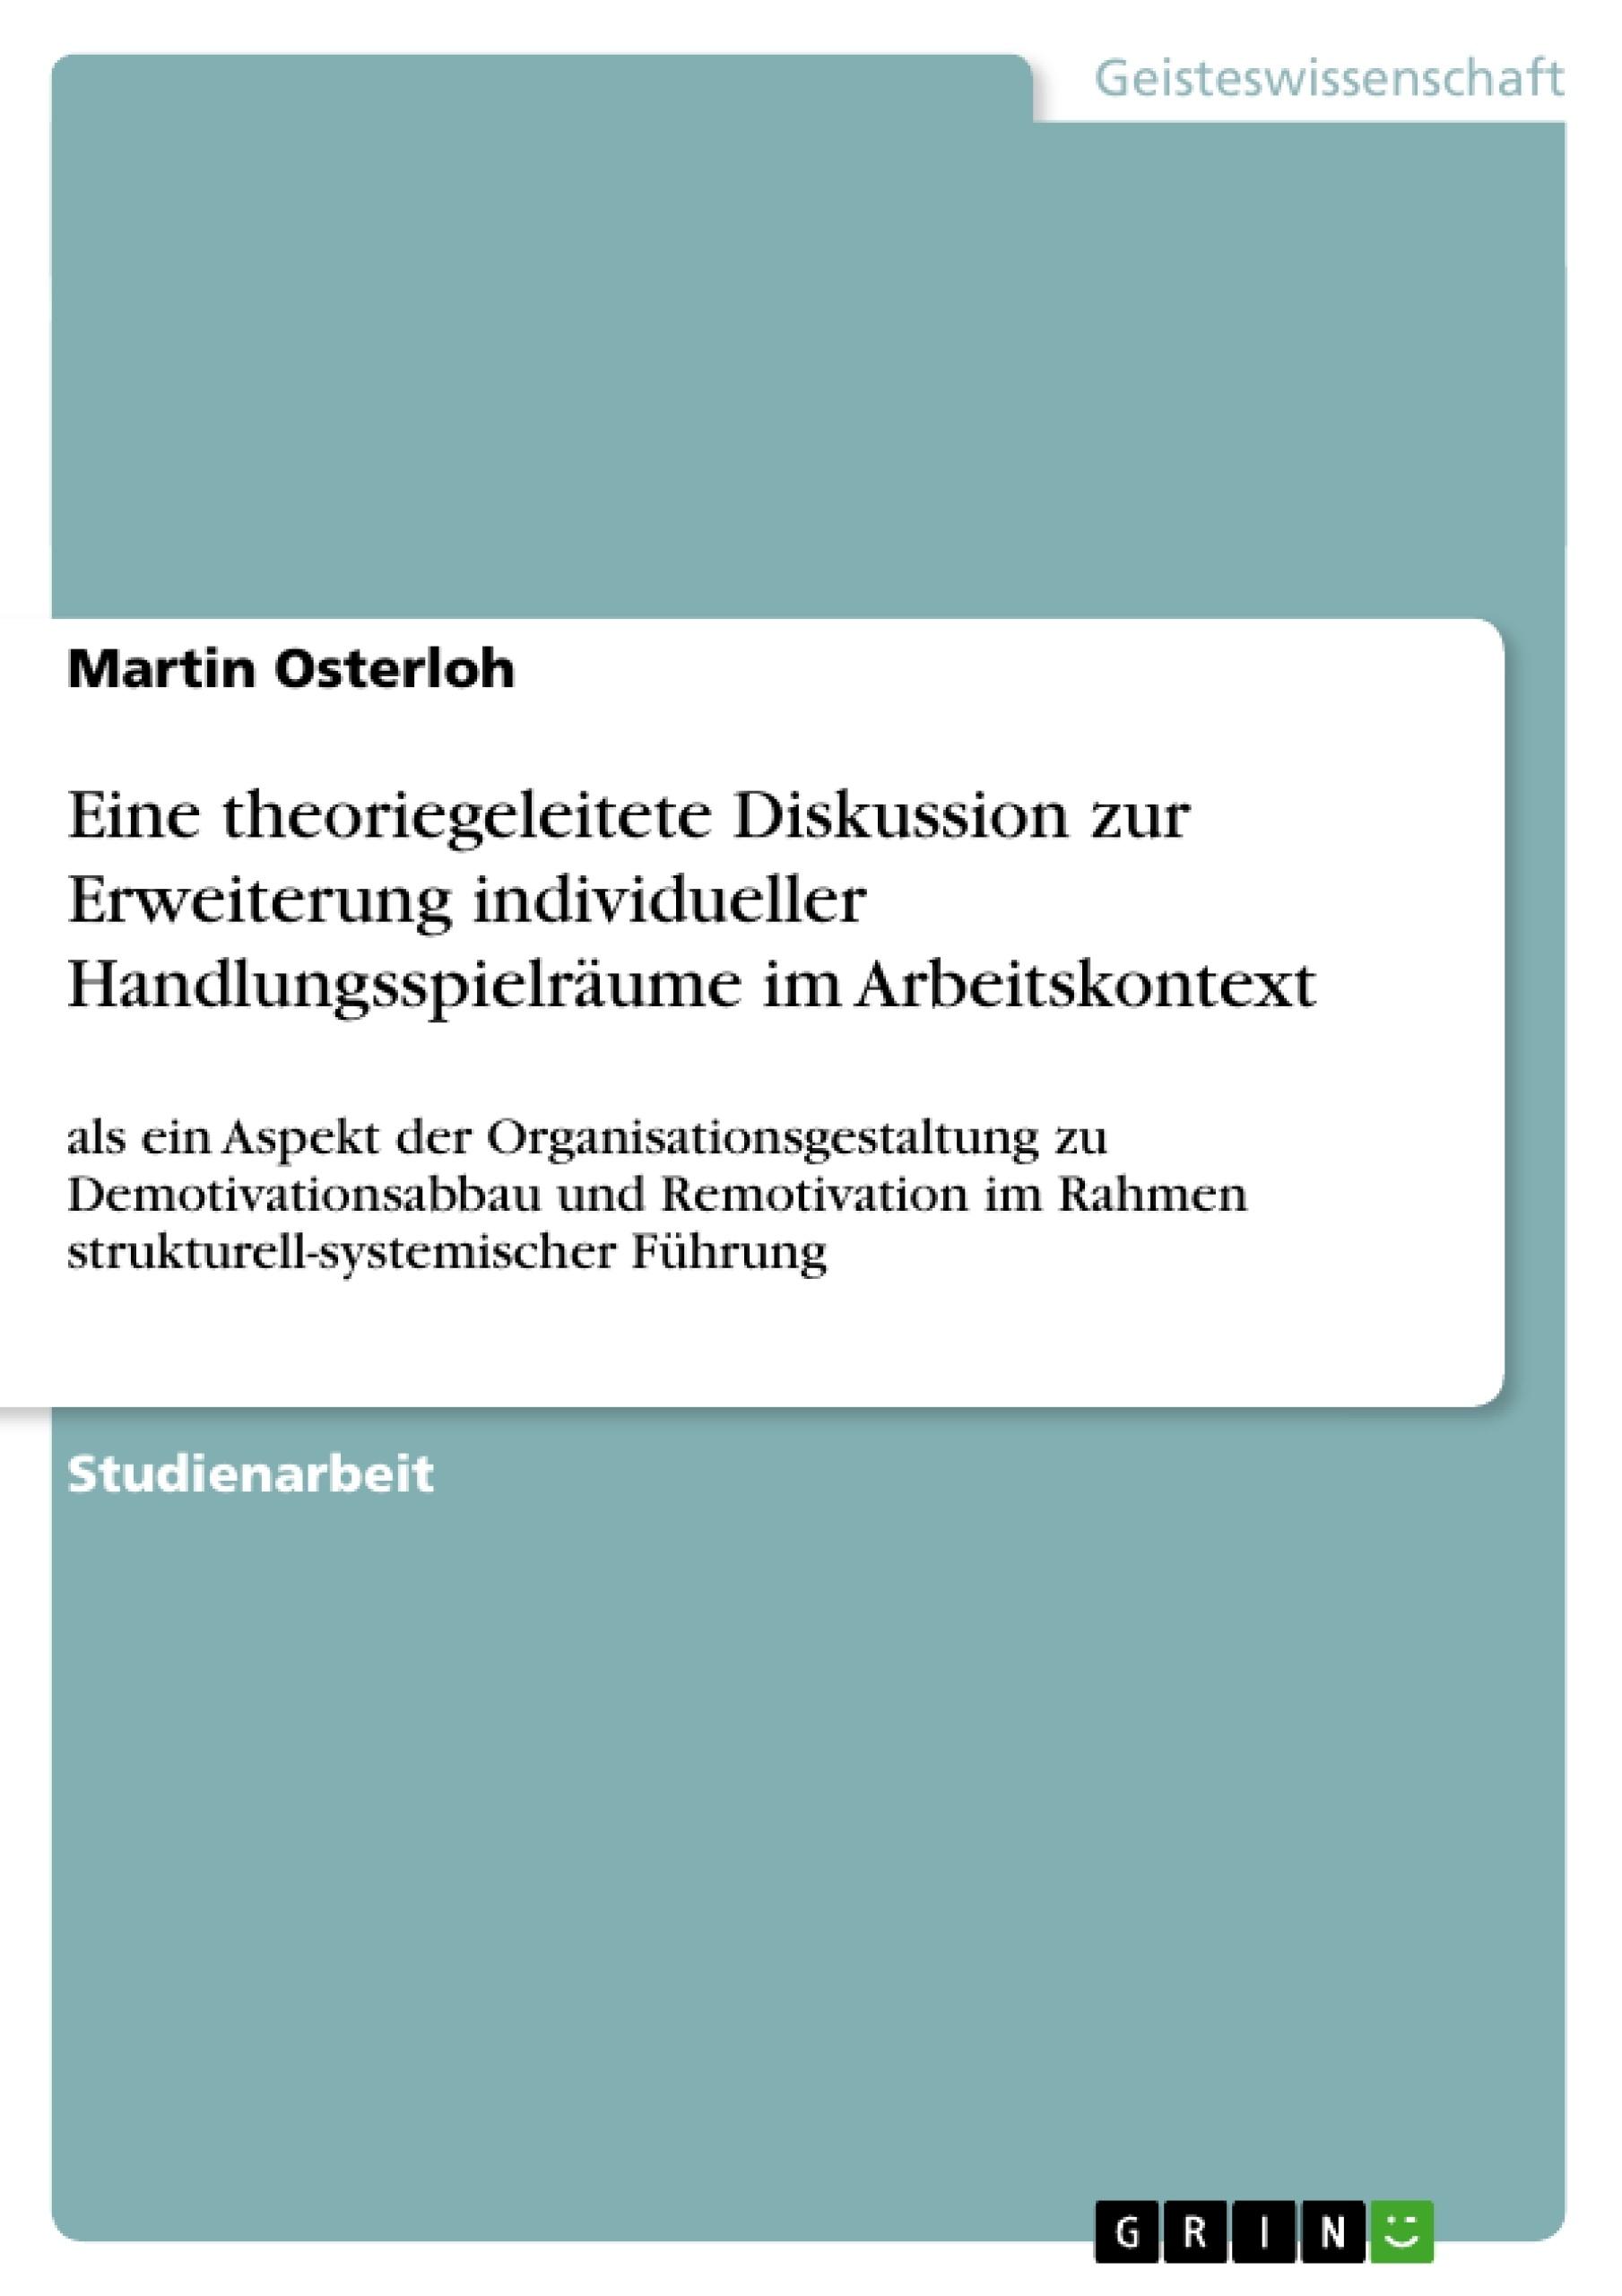 Titel: Eine theoriegeleitete Diskussion zur Erweiterung individueller Handlungsspielräume im Arbeitskontext